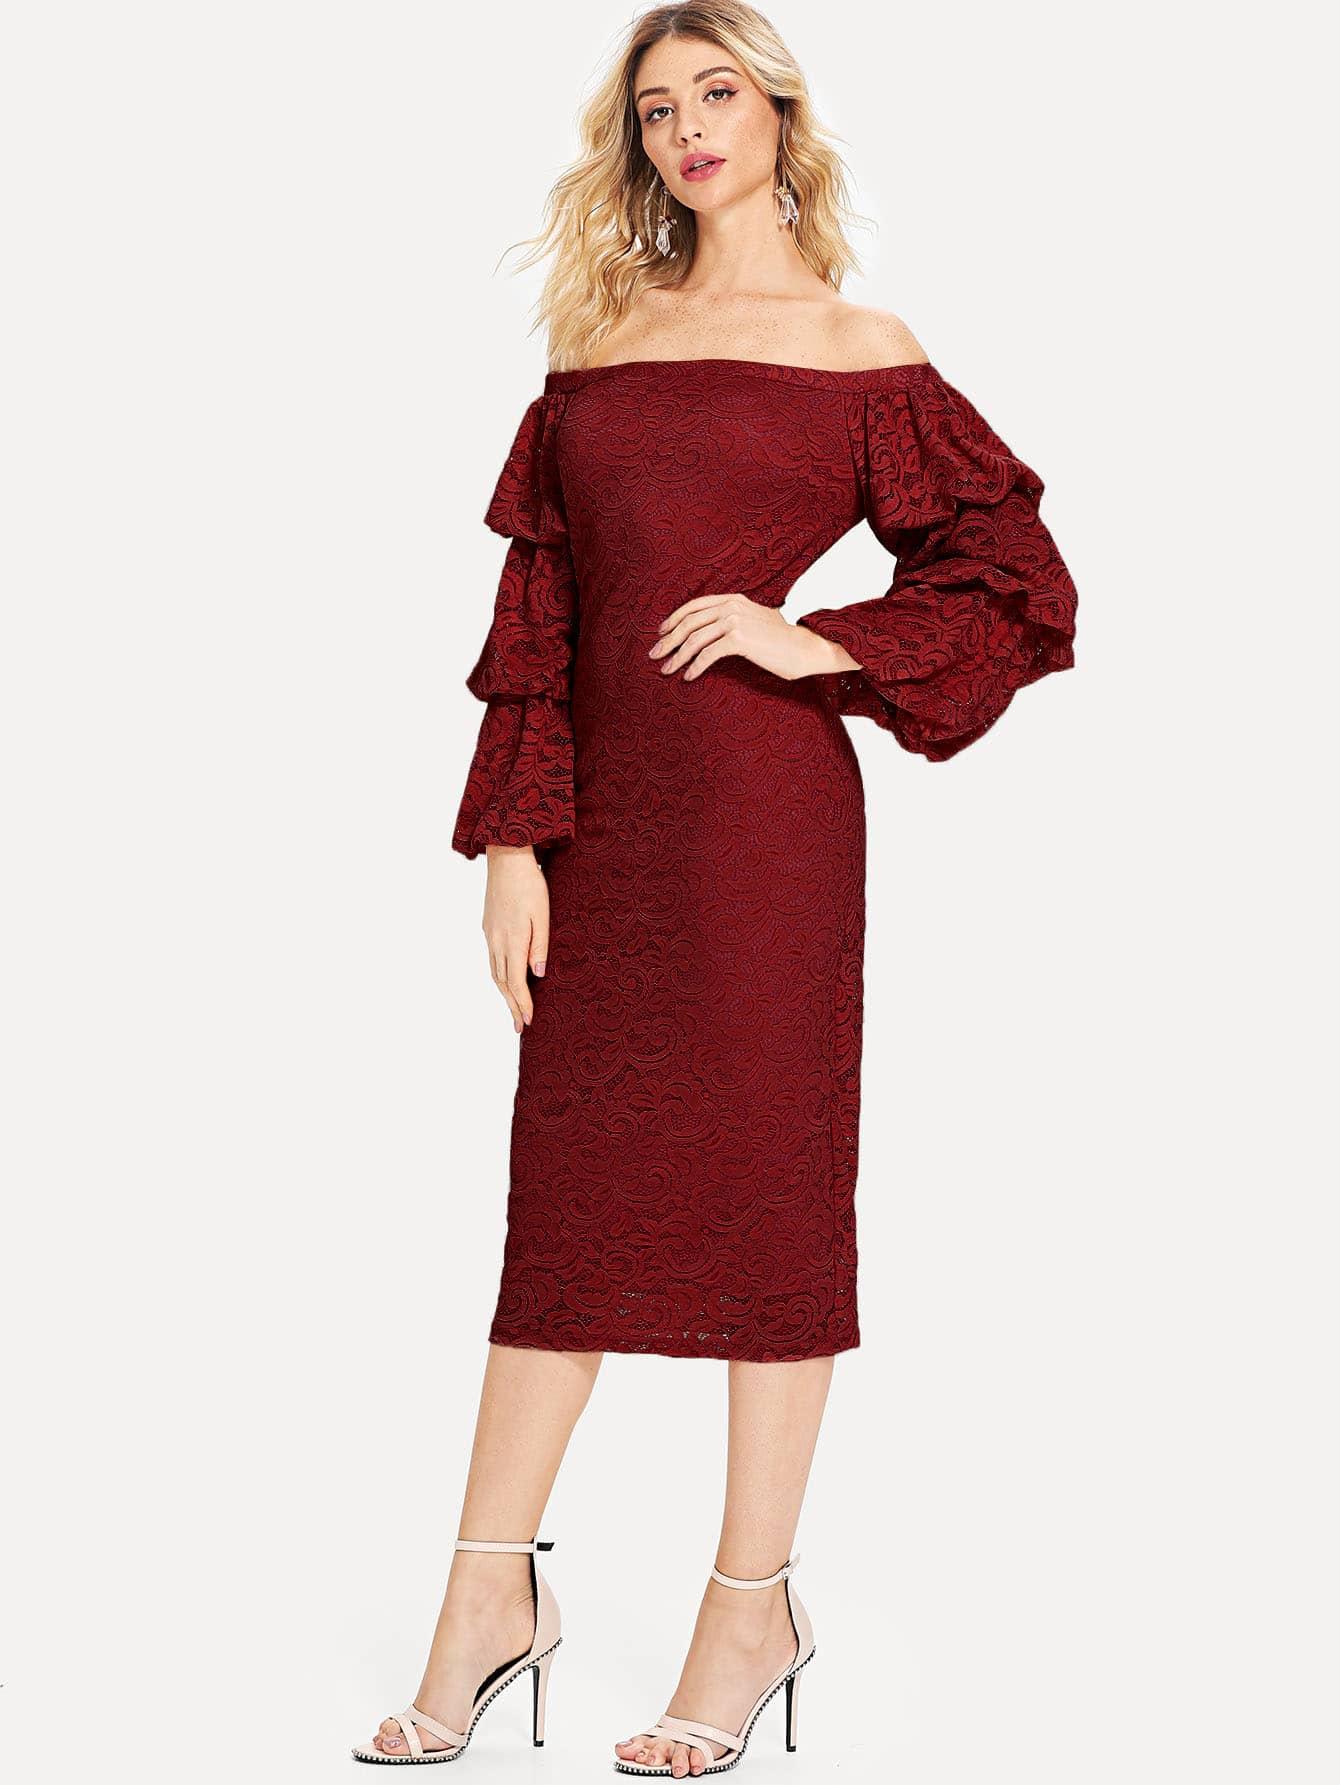 Купить Кружевное платье с открытыми плечами и накрахмаленными рукавами, Nathane, SheIn